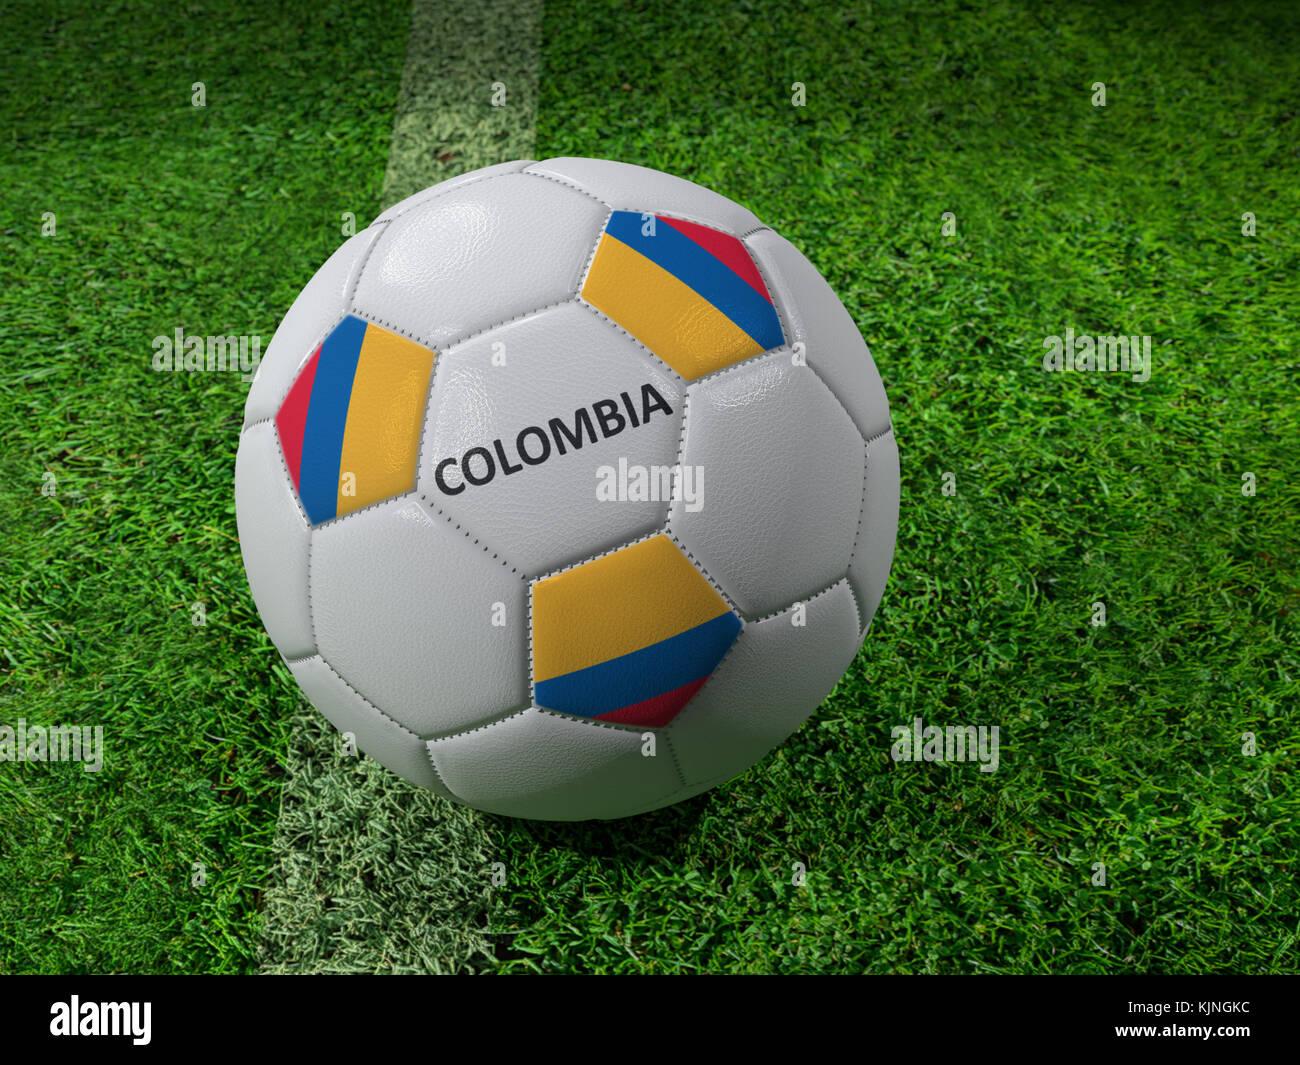 Representación 3D de la pelota de fútbol blanca impresa con los colores de  la bandera de 99954364047bc